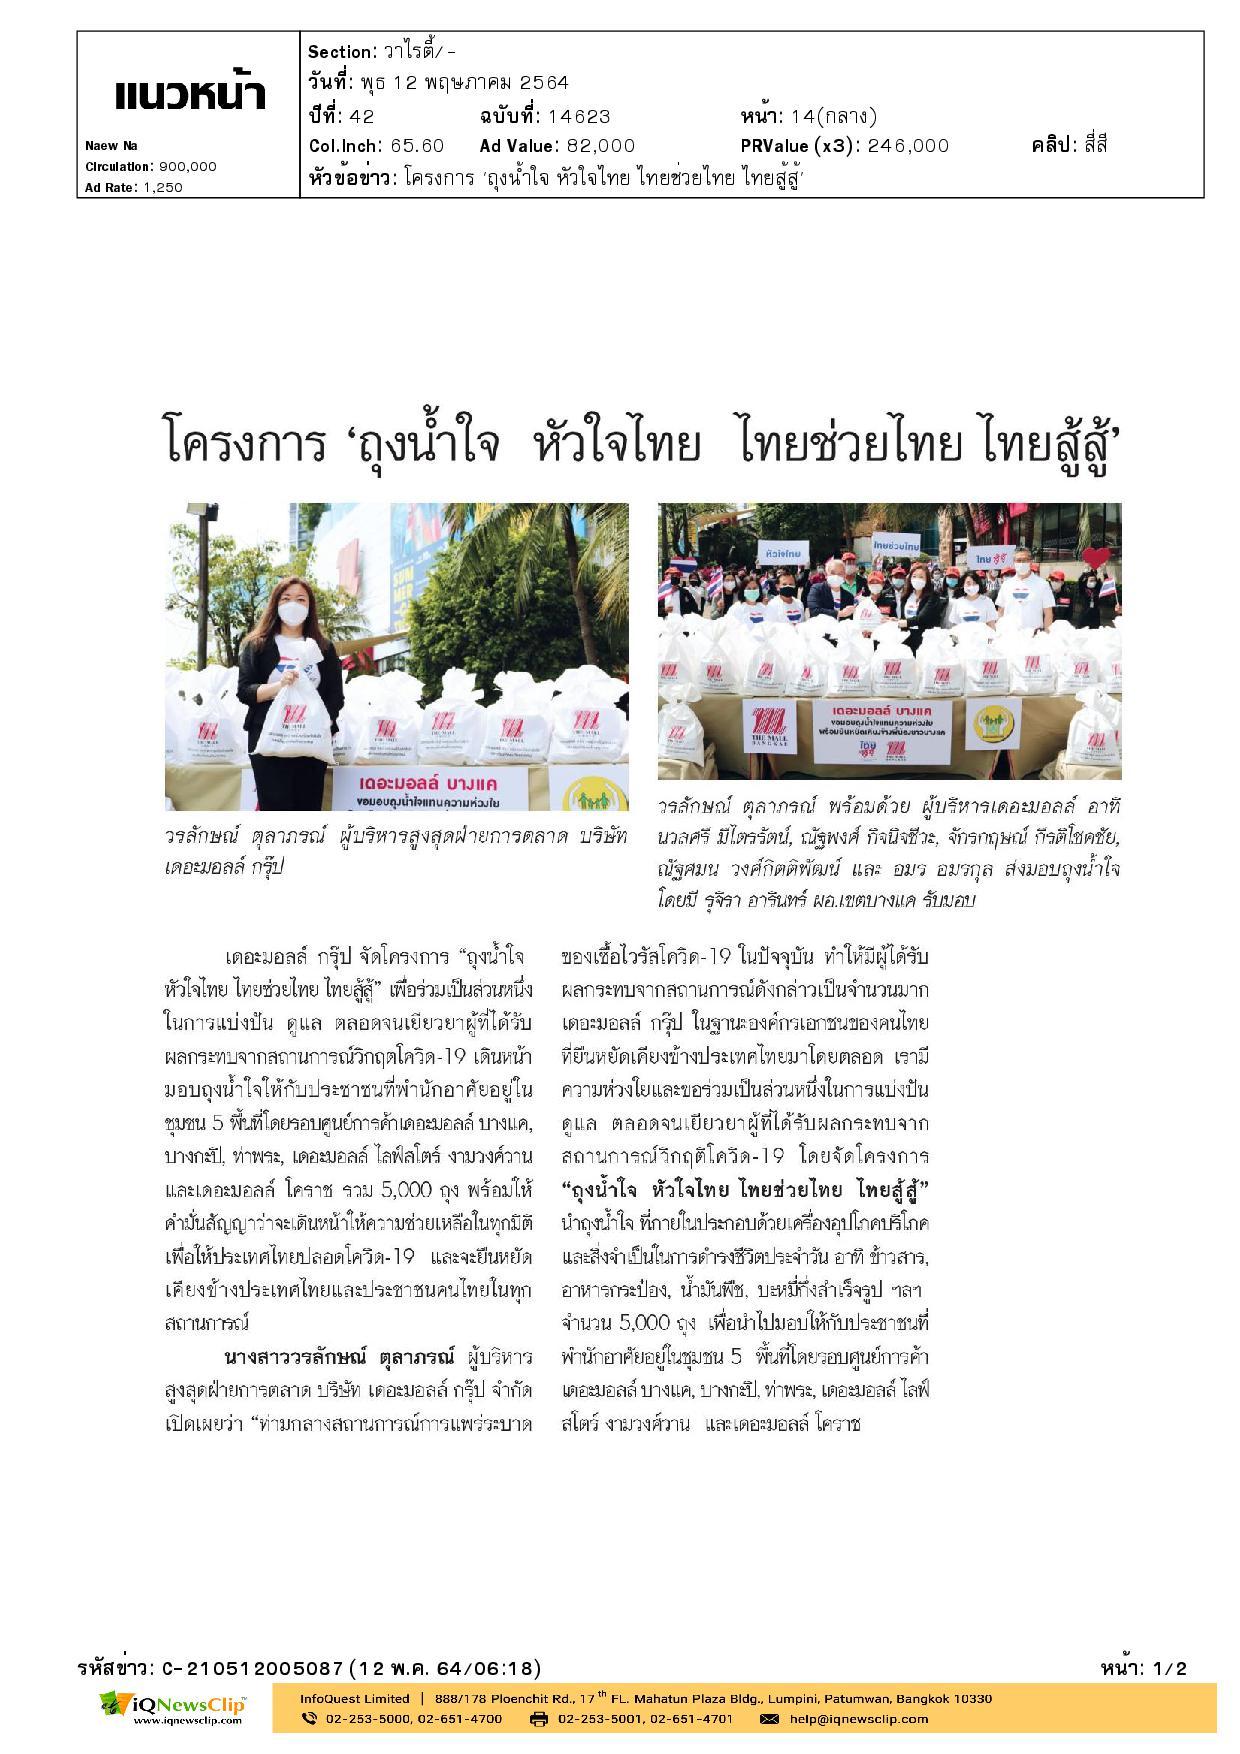 """""""ถุงน้ำใจ หัวใจไทย ไทยช่วยไทย ไทยสู้สู้"""" เพื่อช่วยเหลือผู้ได้รับผลกระทบจากโรคโควิด-19"""